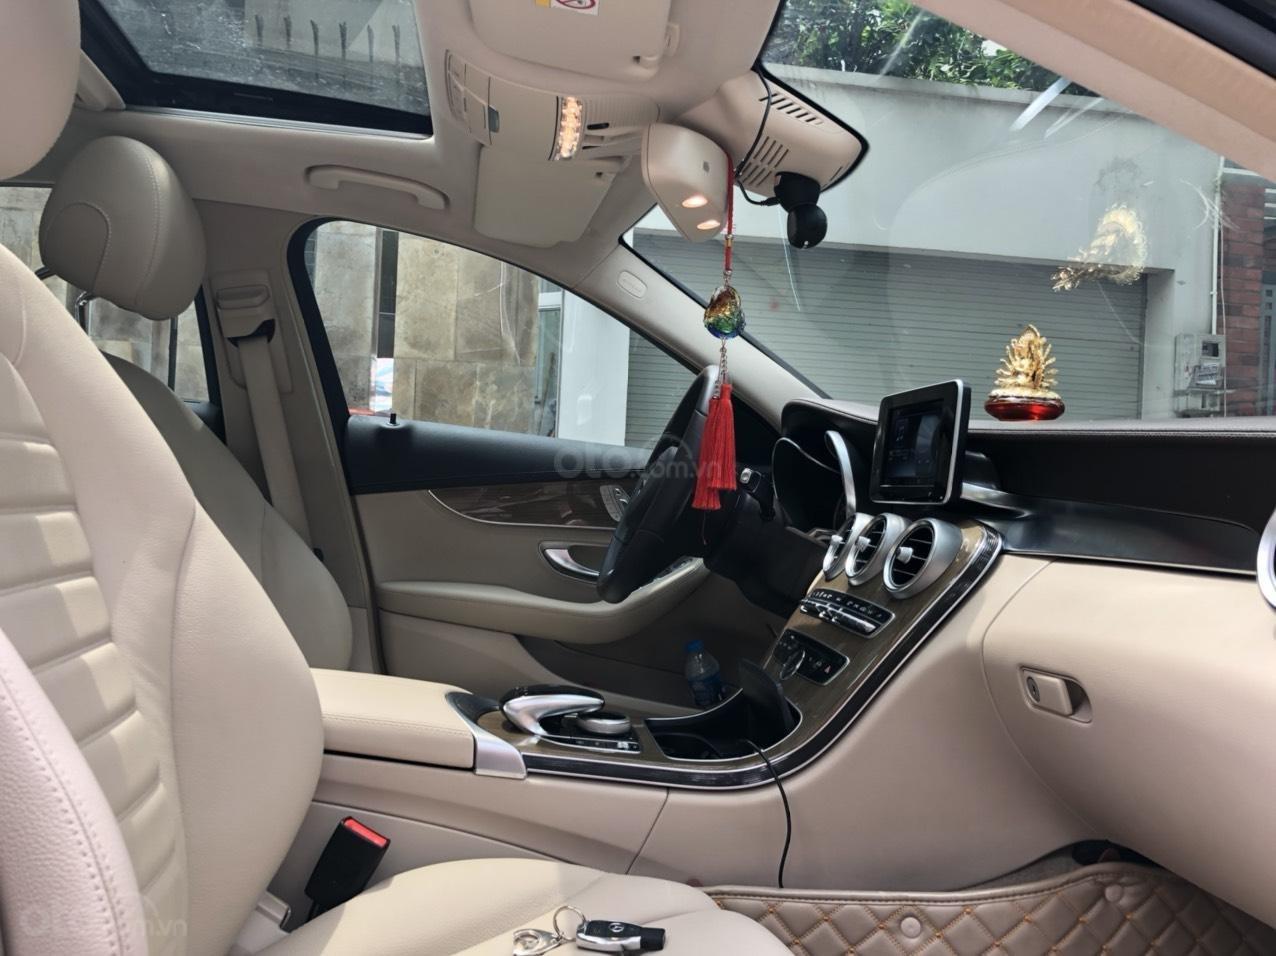 Cần bán nhanh xe Mercedes C250 Exclusive sản xuất năm 2015, xe đẹp nguyên bản (2)